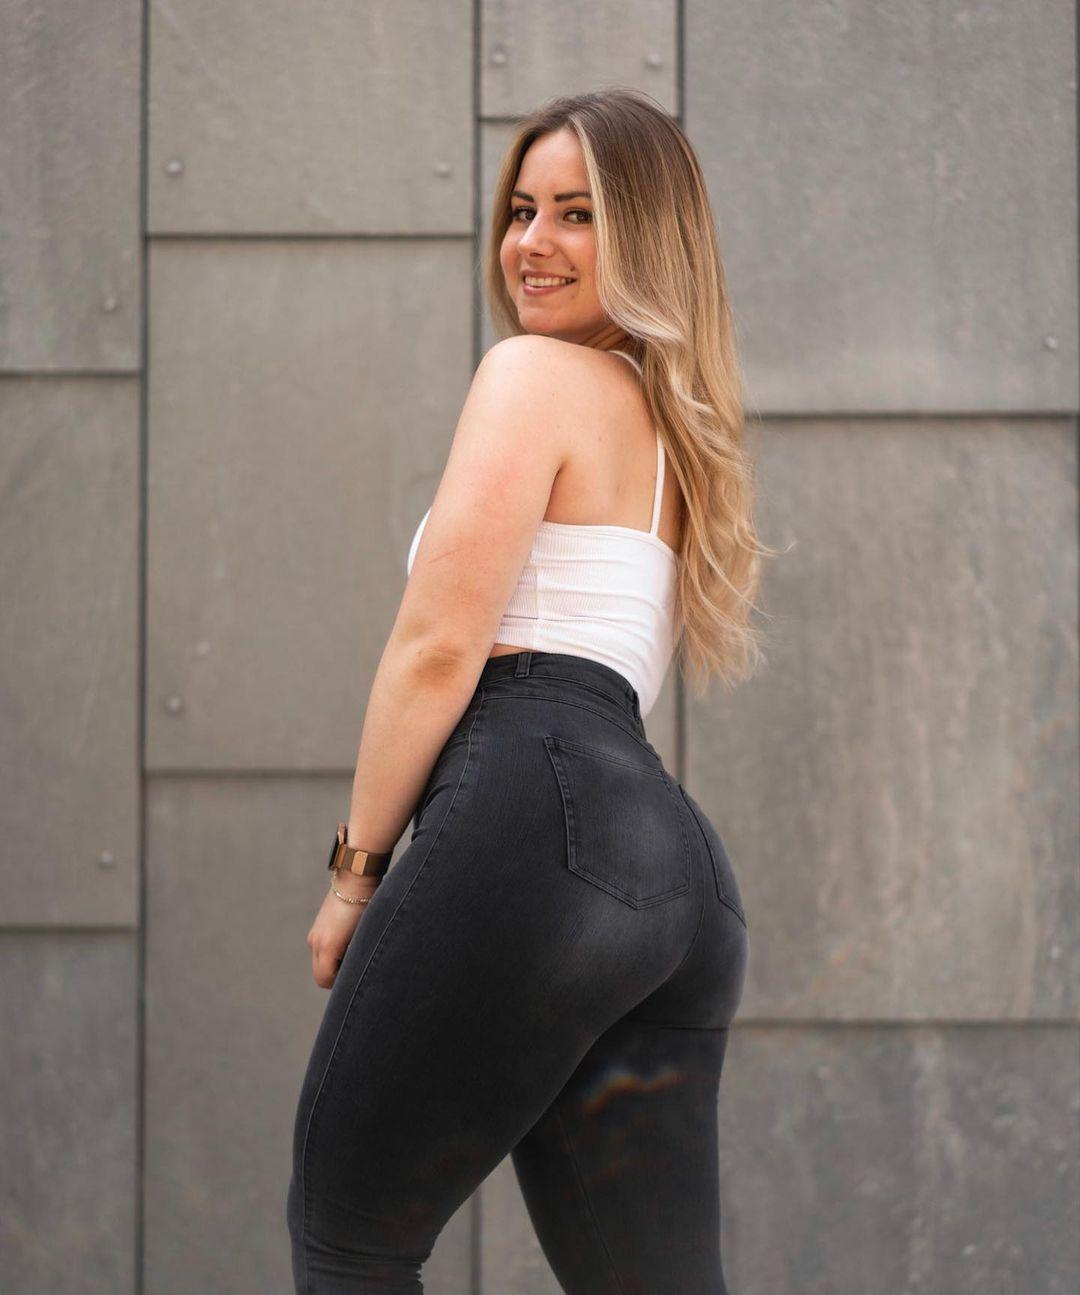 Laura-Vanbaelen-Wallpapers-Insta-Fit-Bio-16